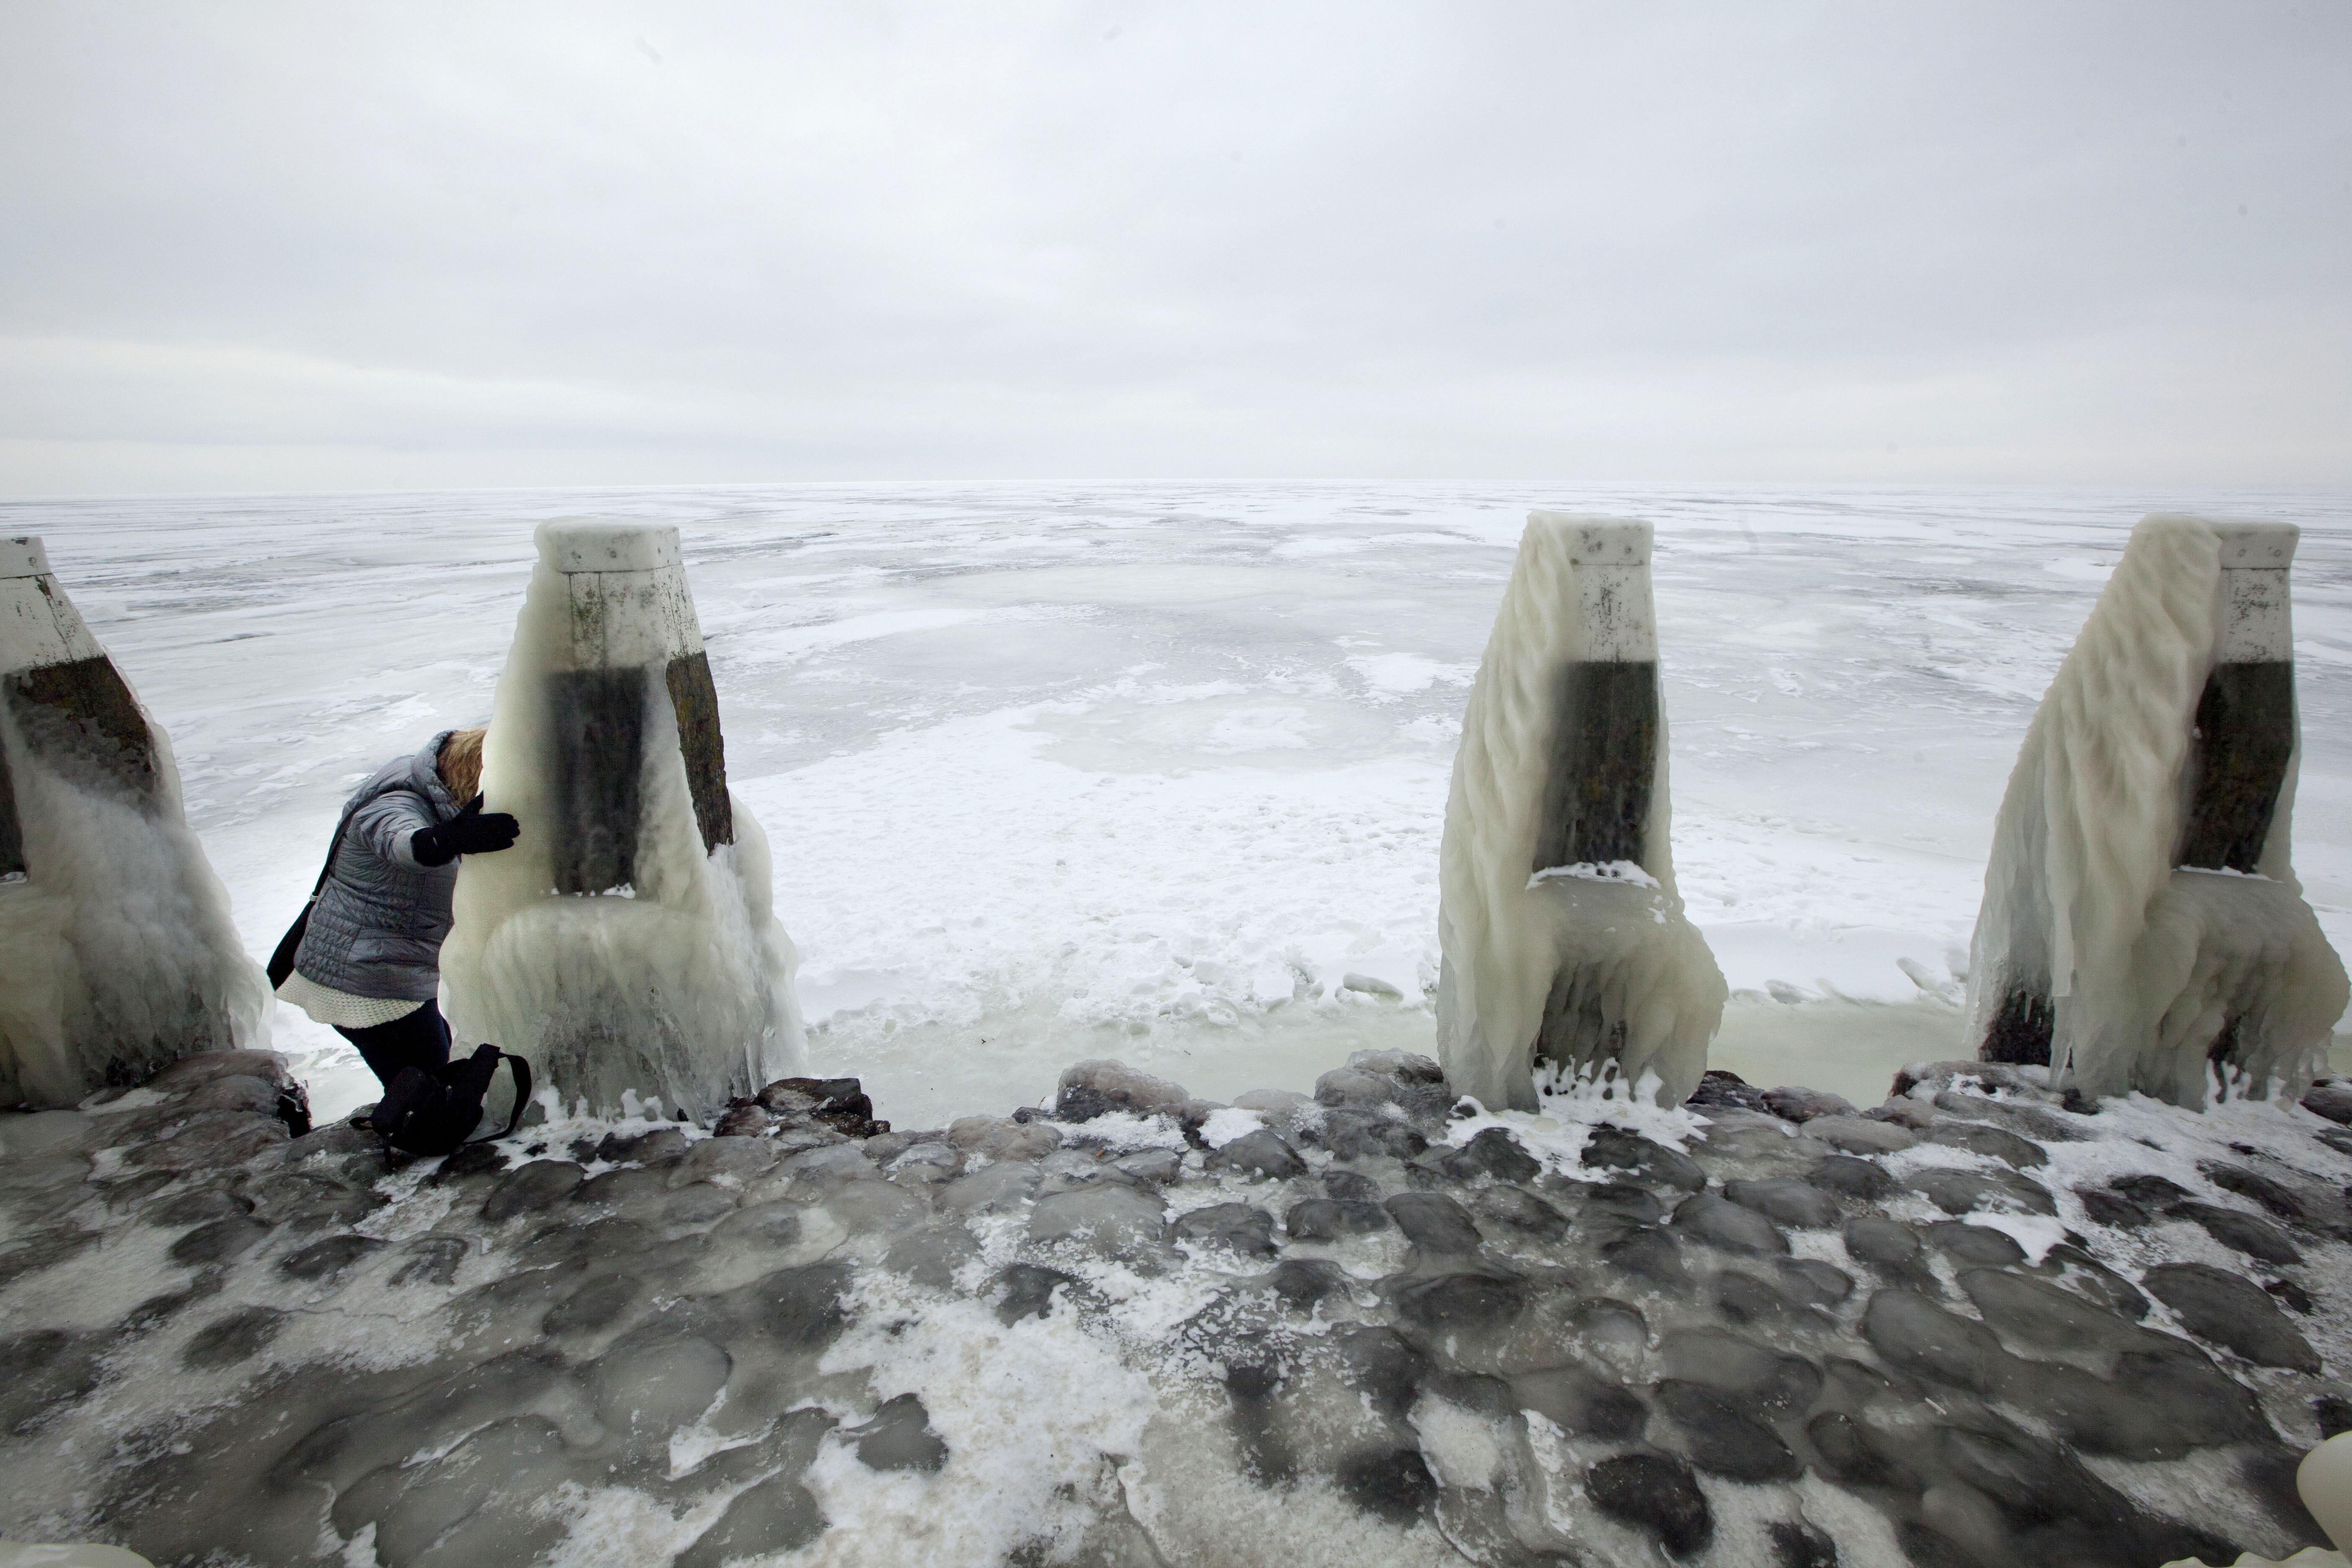 全球暖化導致海平面上升,各國濱海地區必須加強防範浪潮與洪水(AP)